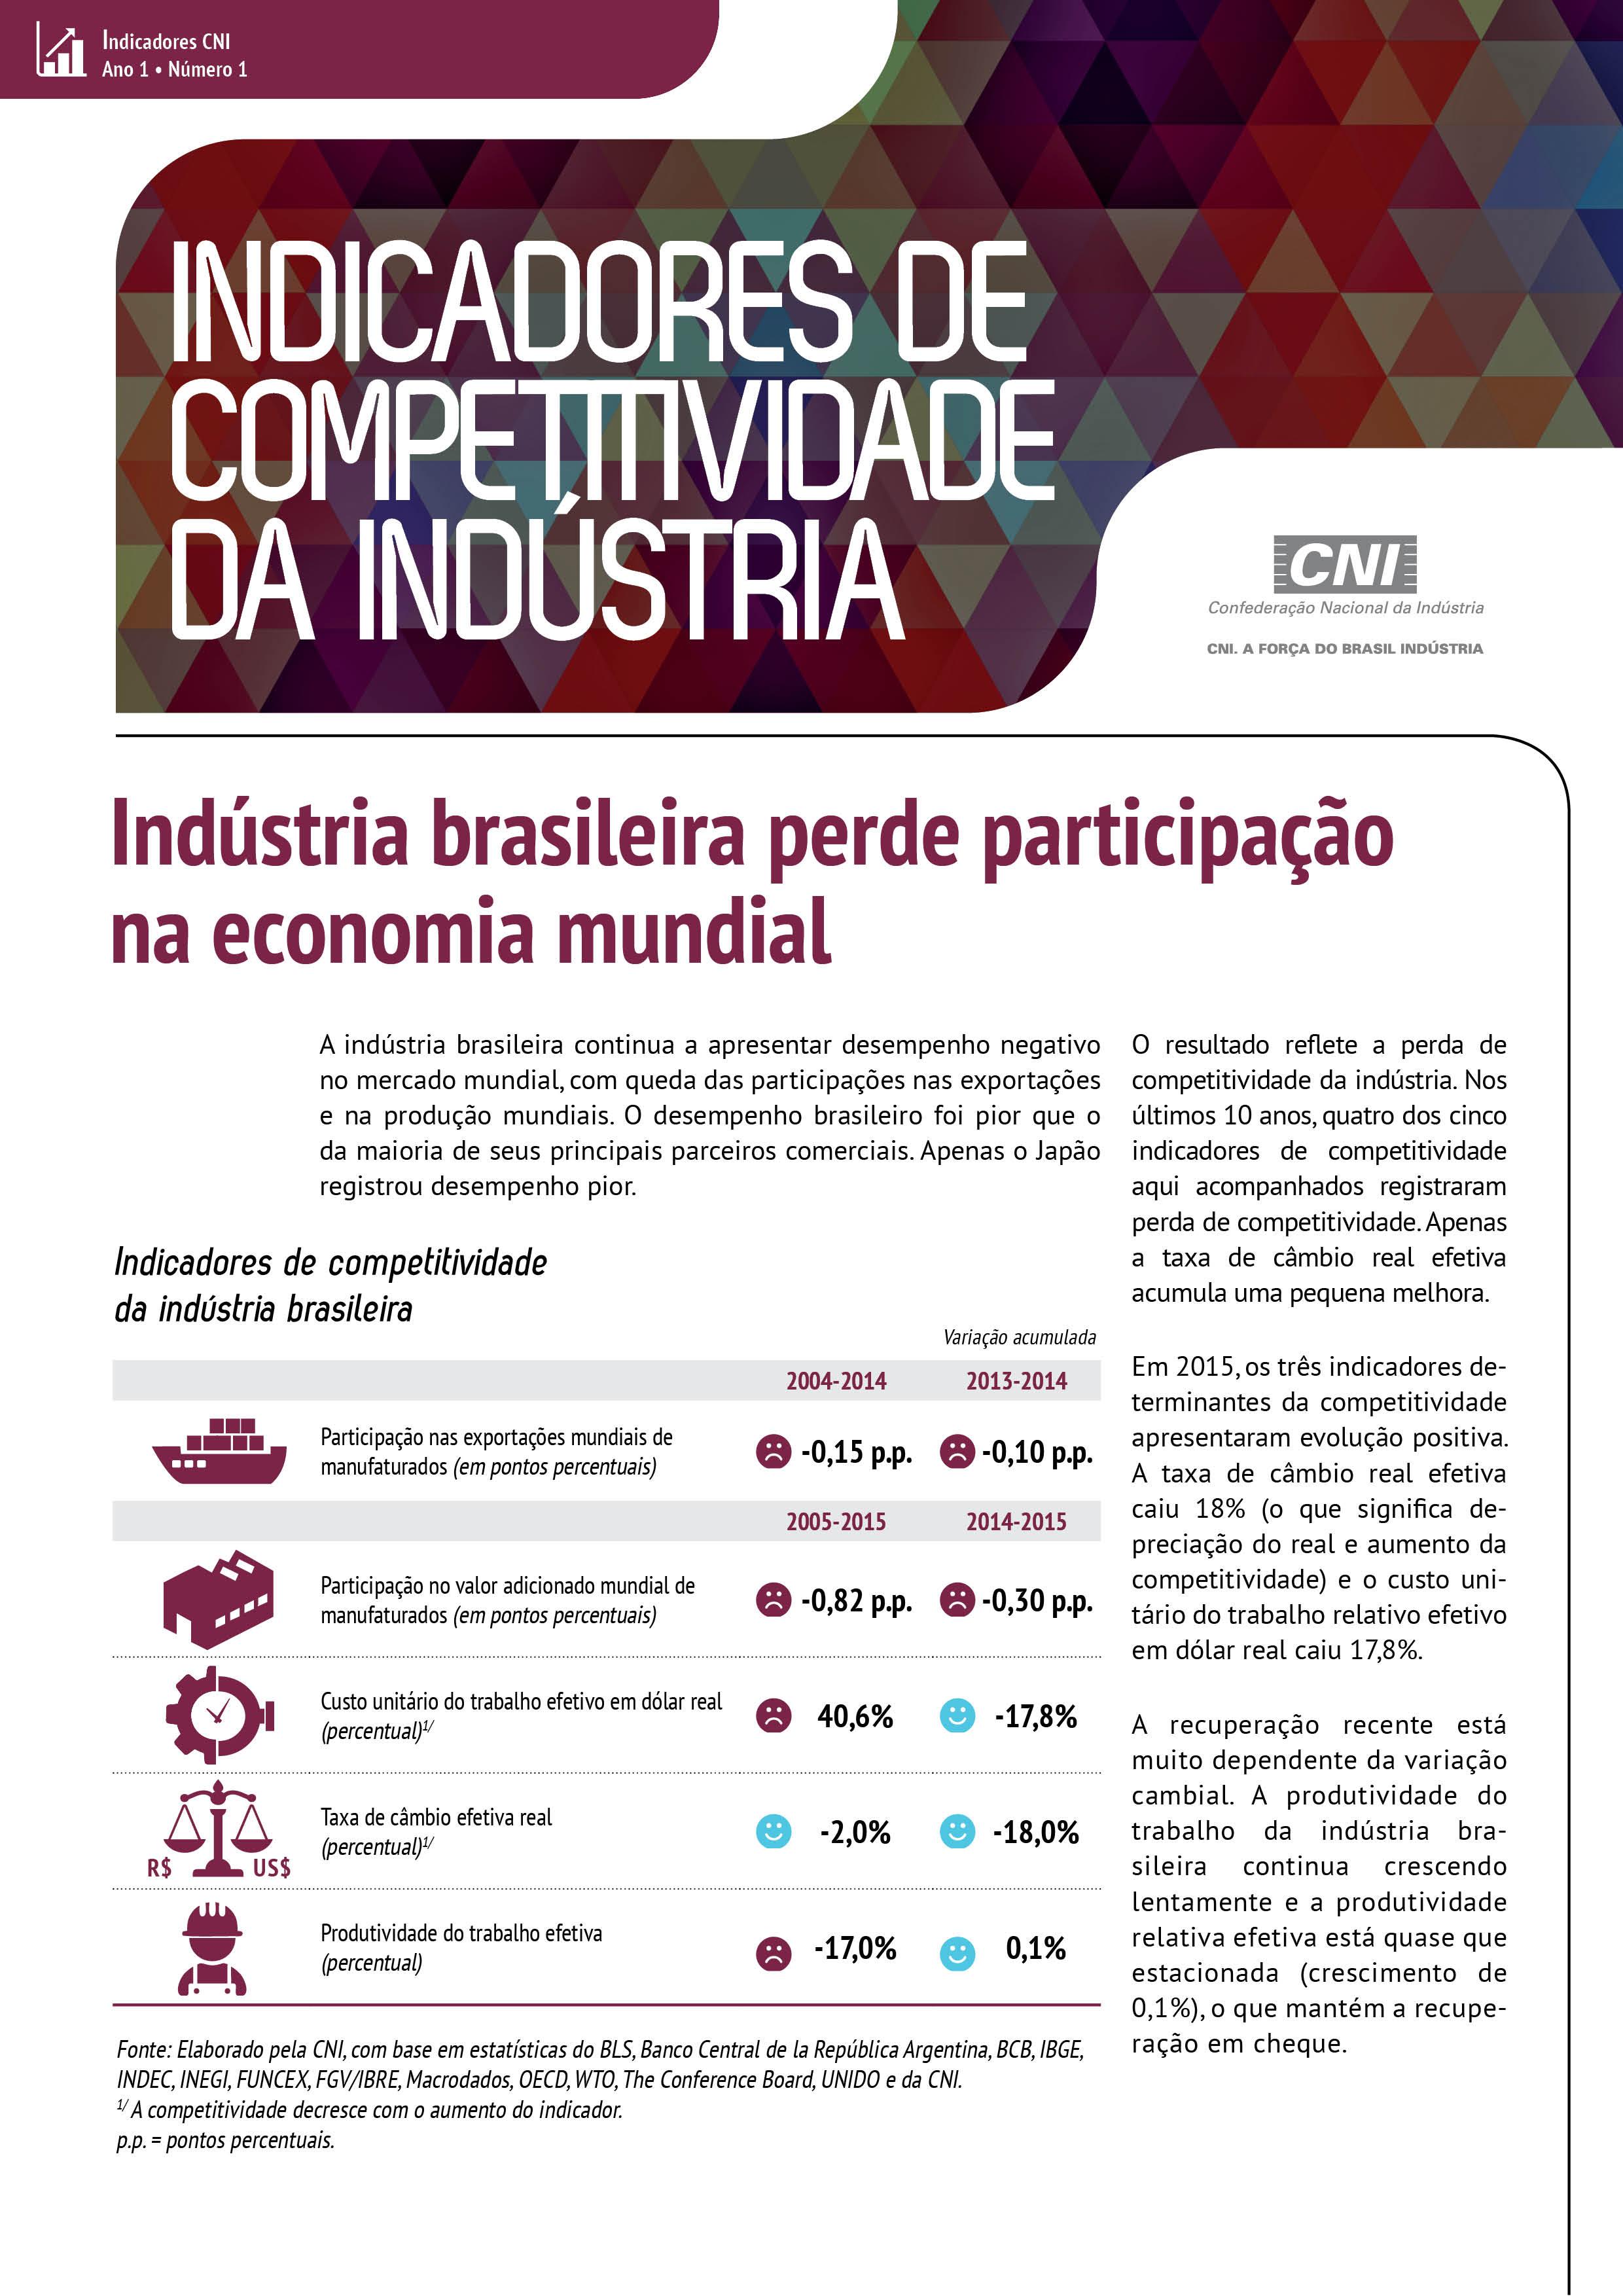 Indicadores de Competitividade da Indústria